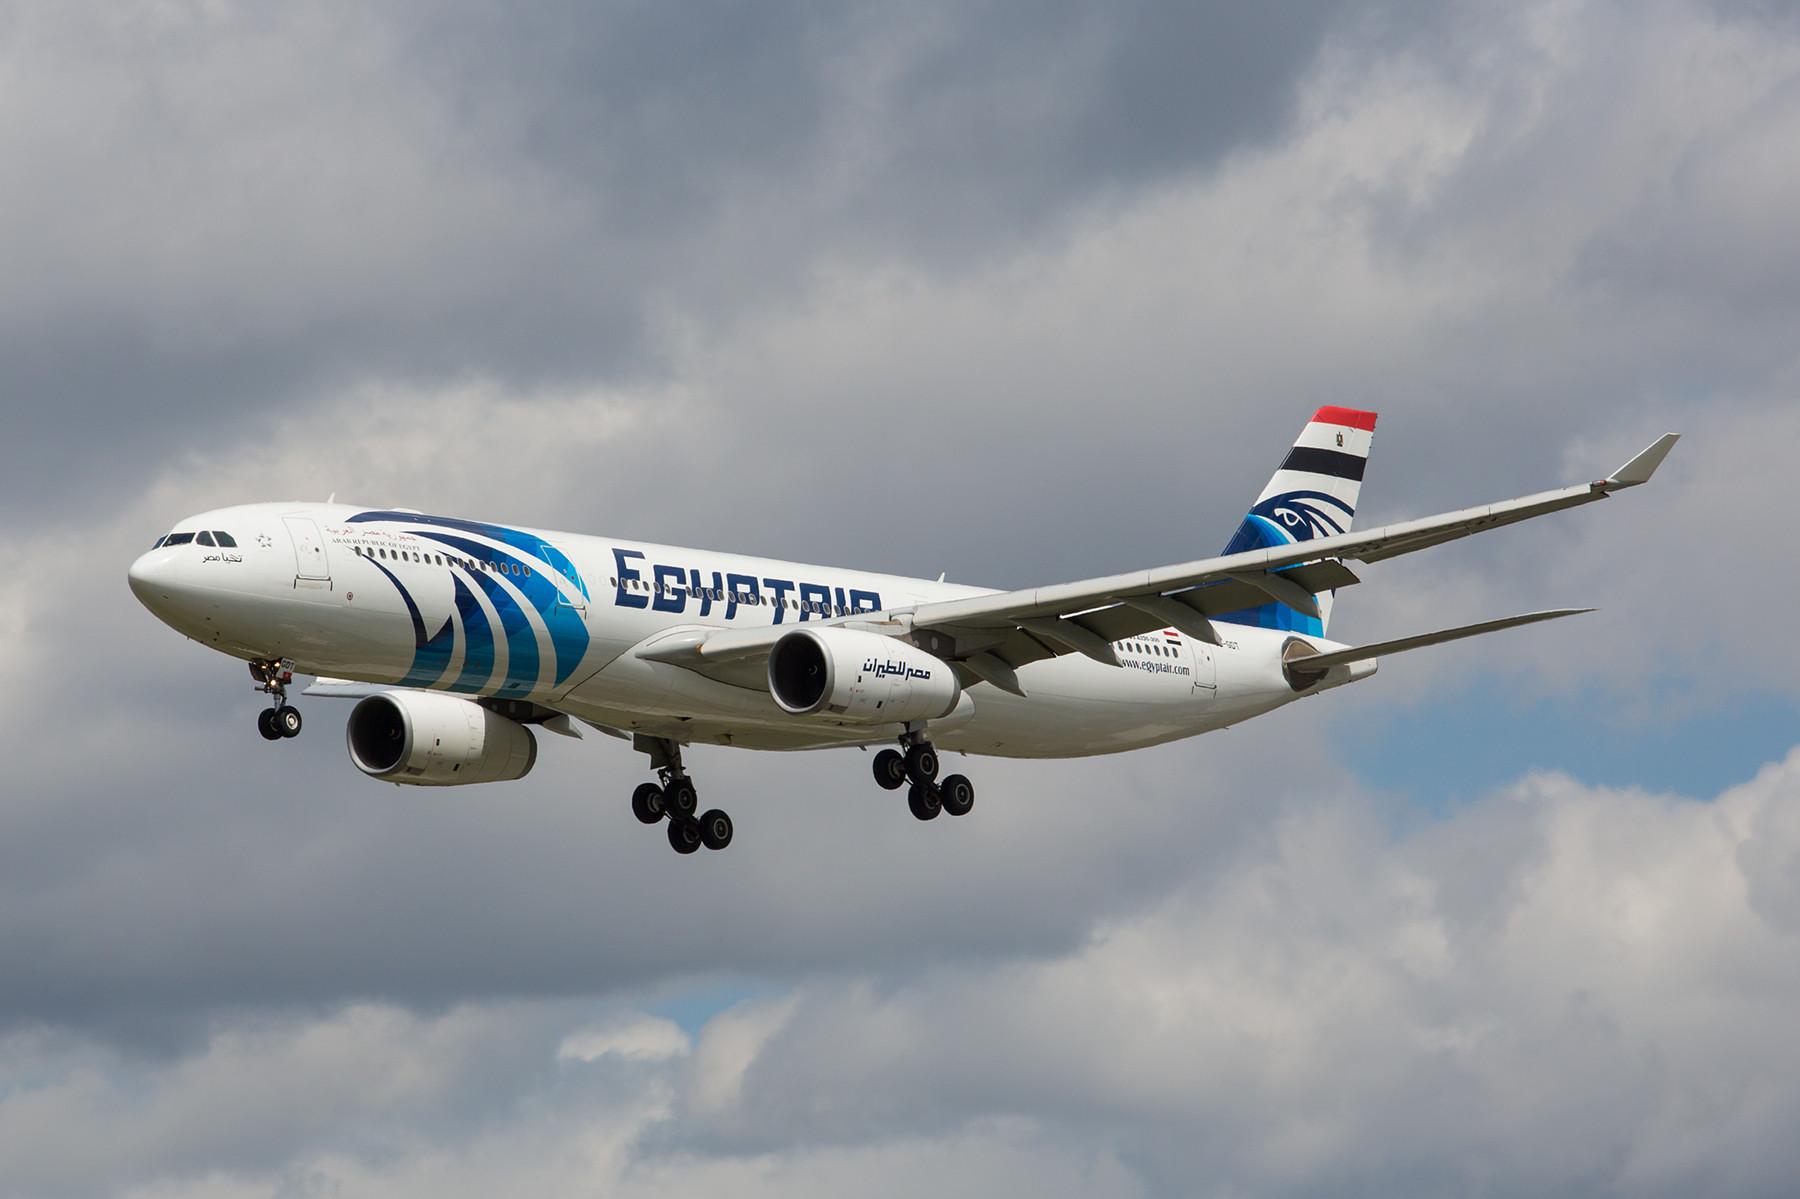 Diese A 330 der Egyptair diente zweitweise als Regierungsmaschine, solange die eigentliche A 340 im Check war.